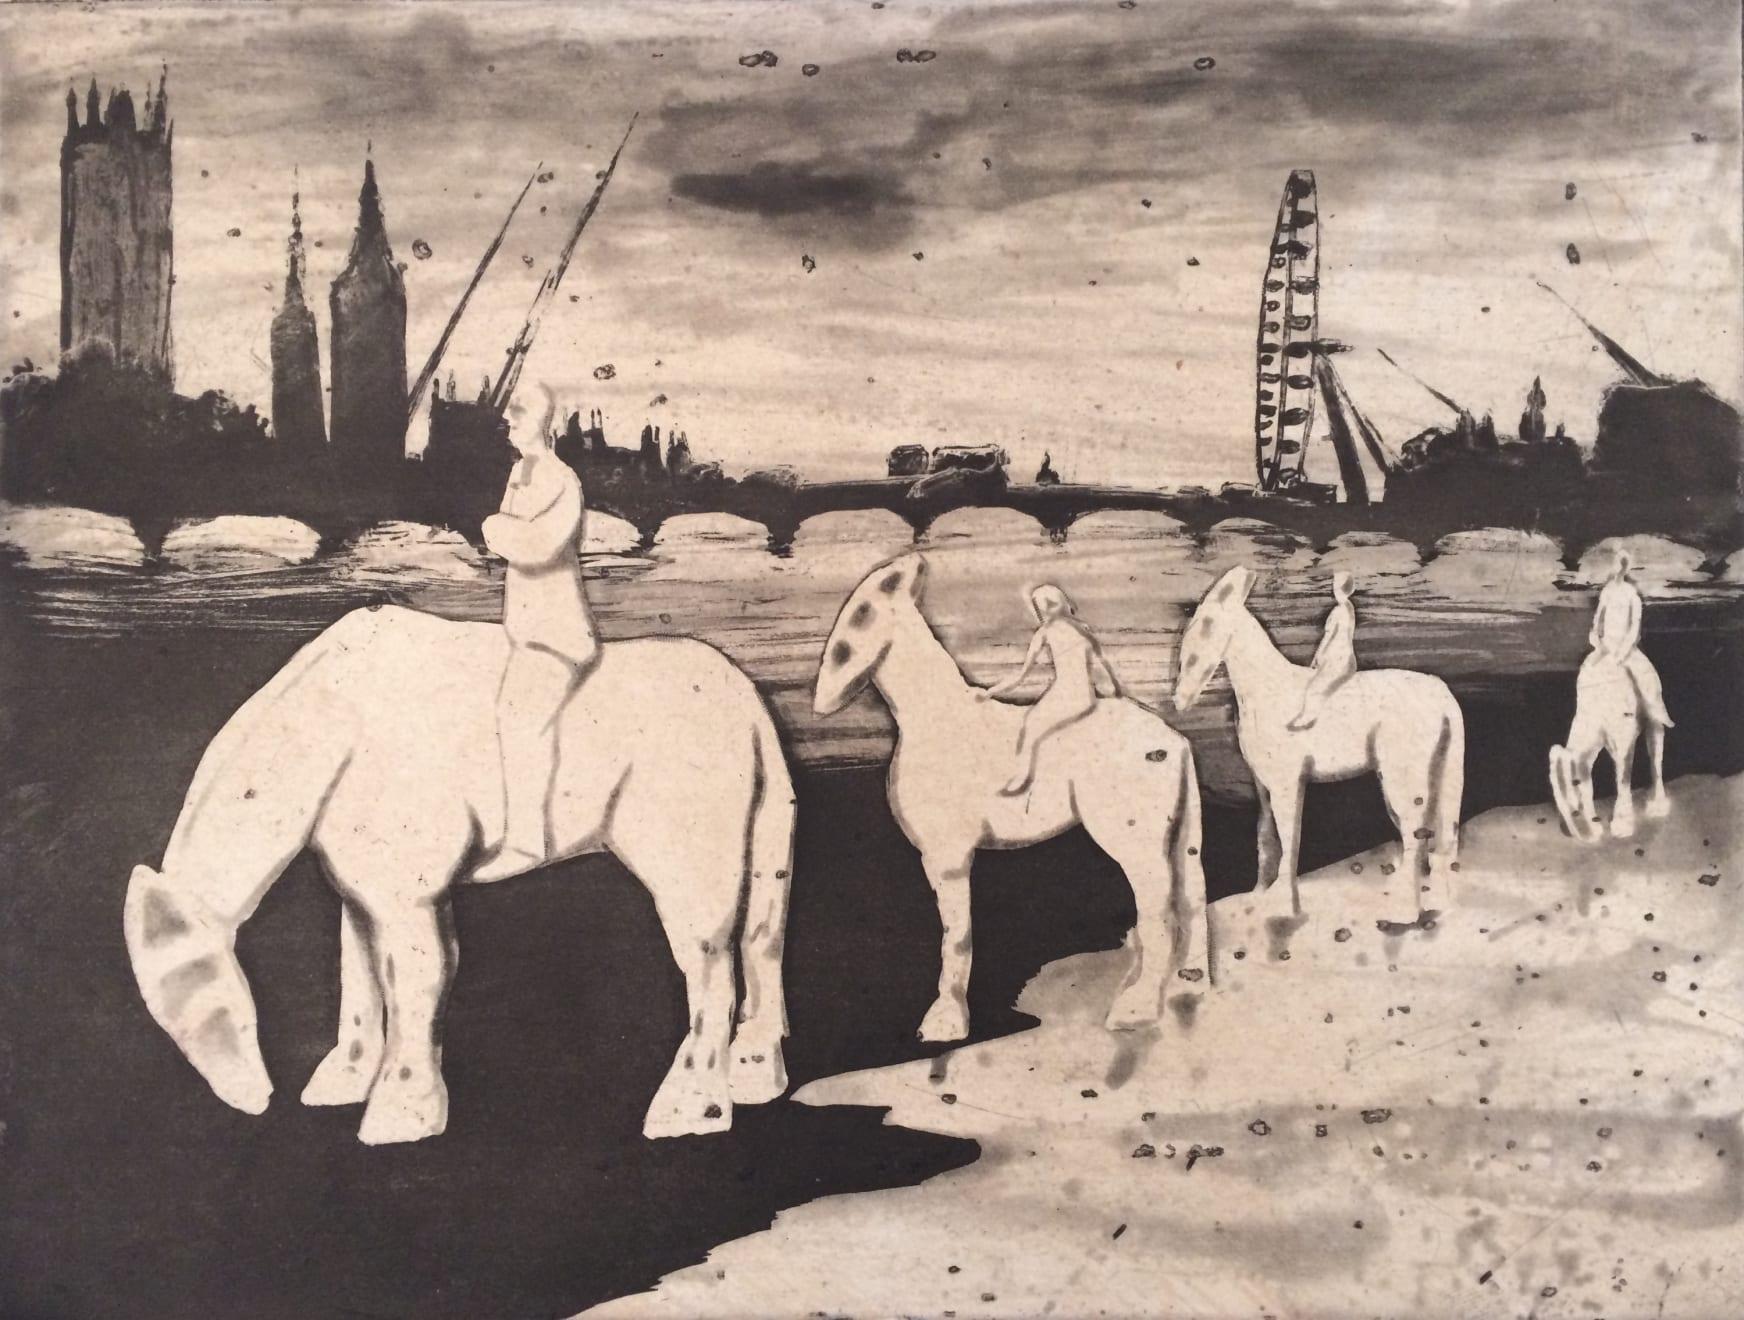 Mychael Barratt, Urban Myths VII - Horsemen of the Apocalypse at Albert Embankment